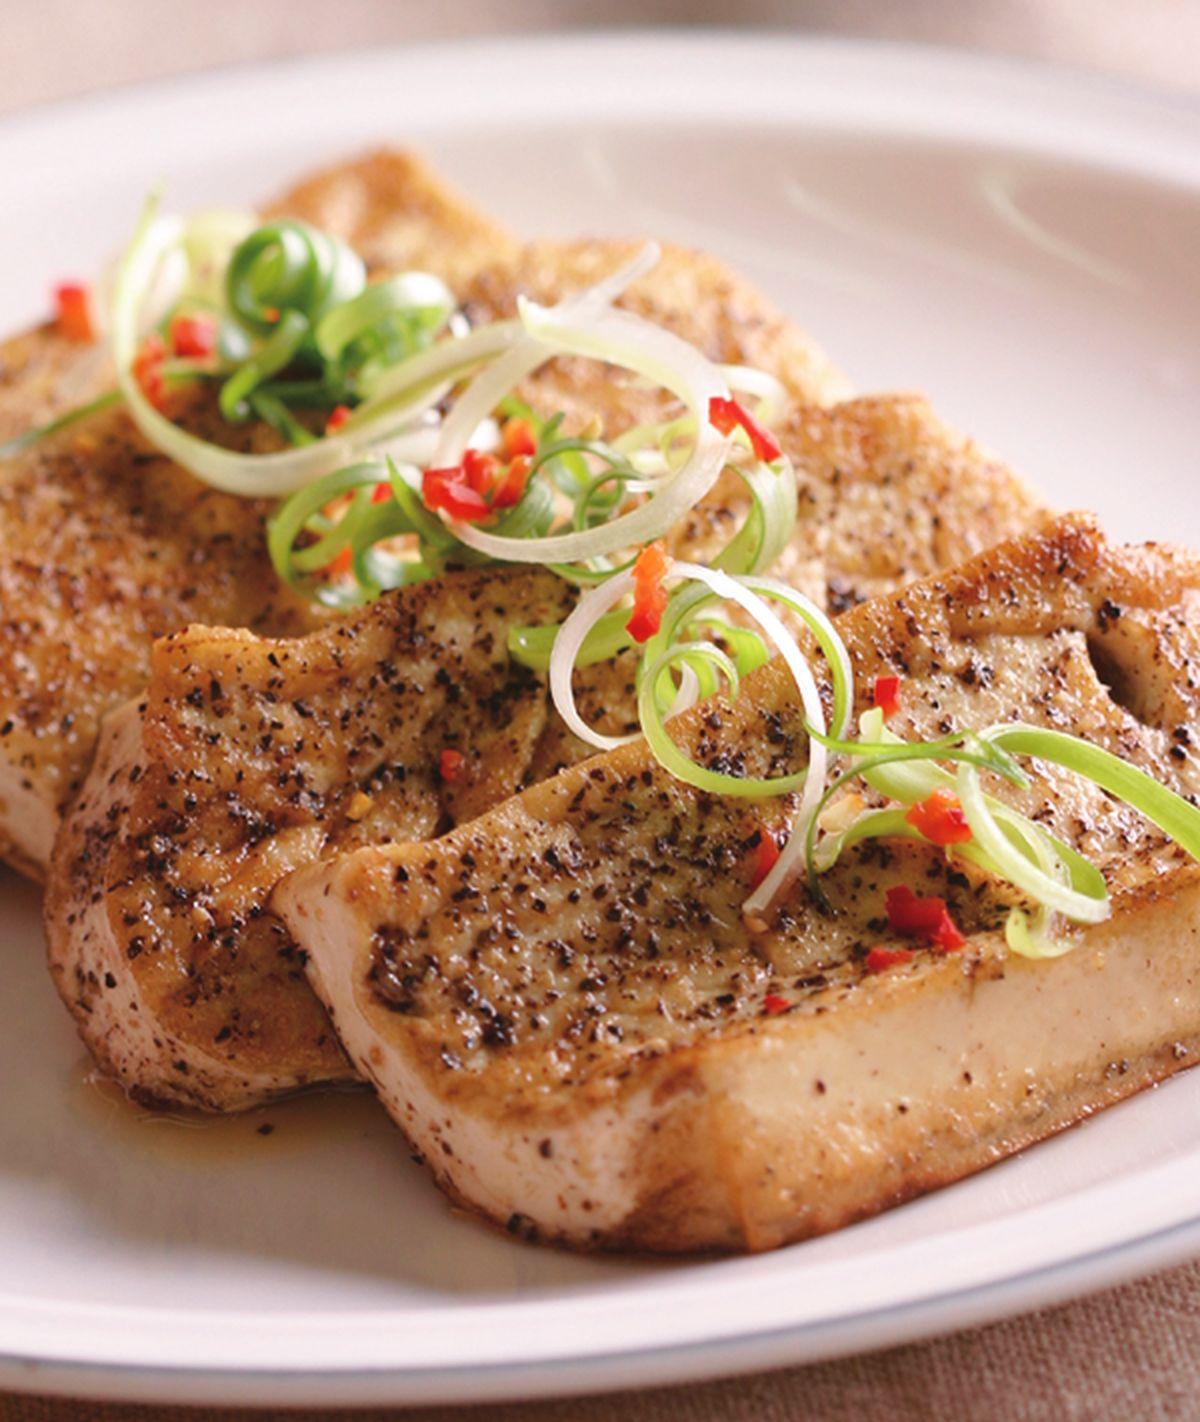 食譜:嫩煎黑胡椒豆腐